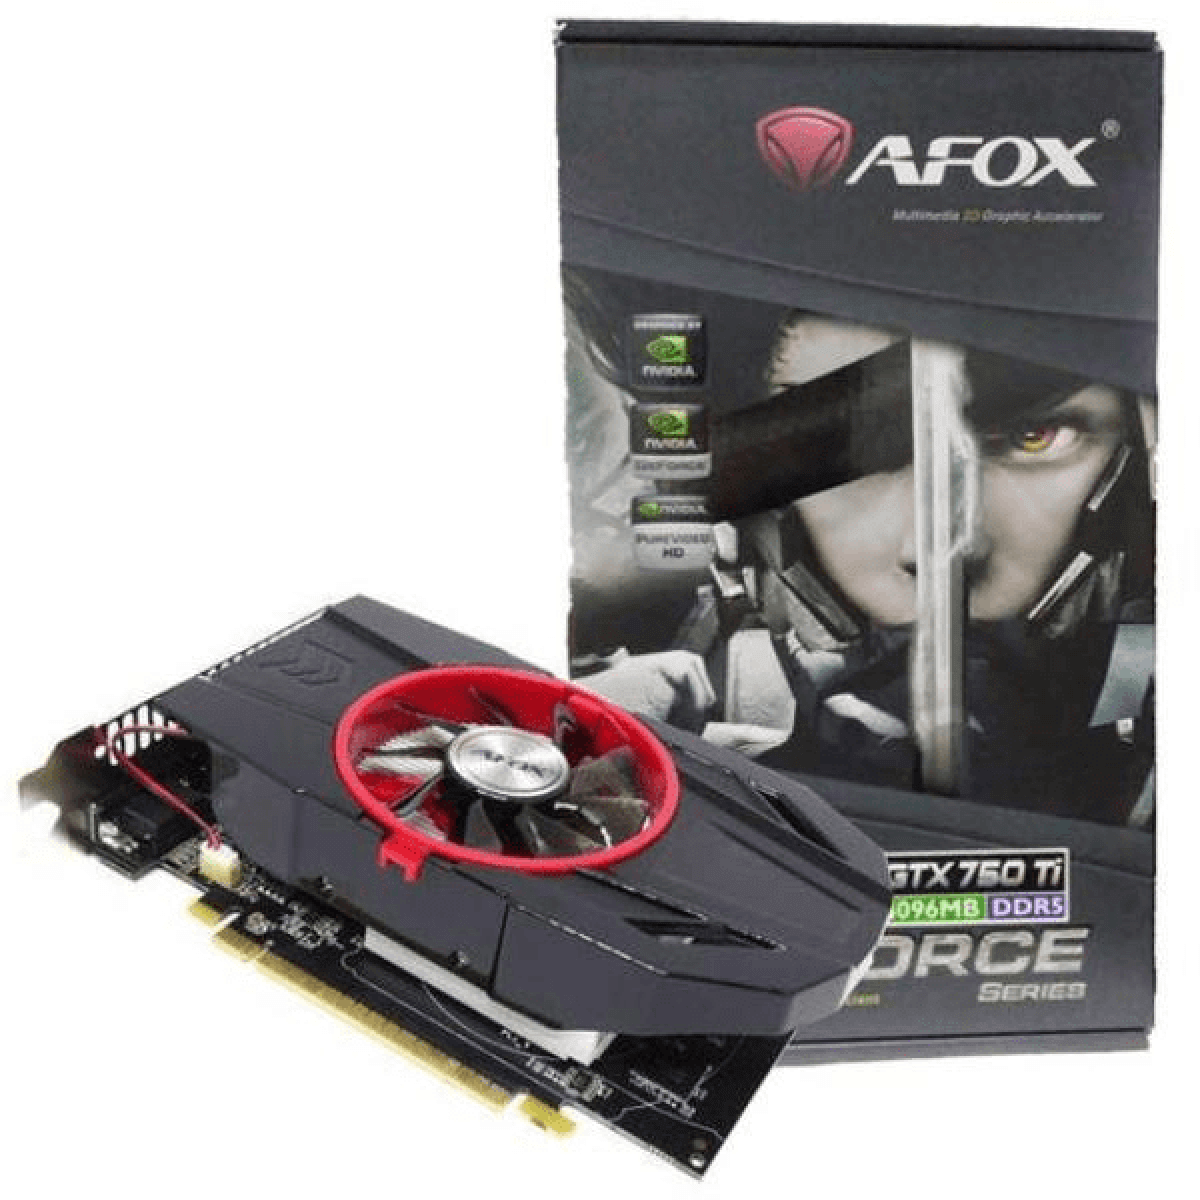 Placa de Vídeo Afox GTX 750TI 4GB GDDR5 128bit AF750TI-4096D5H4